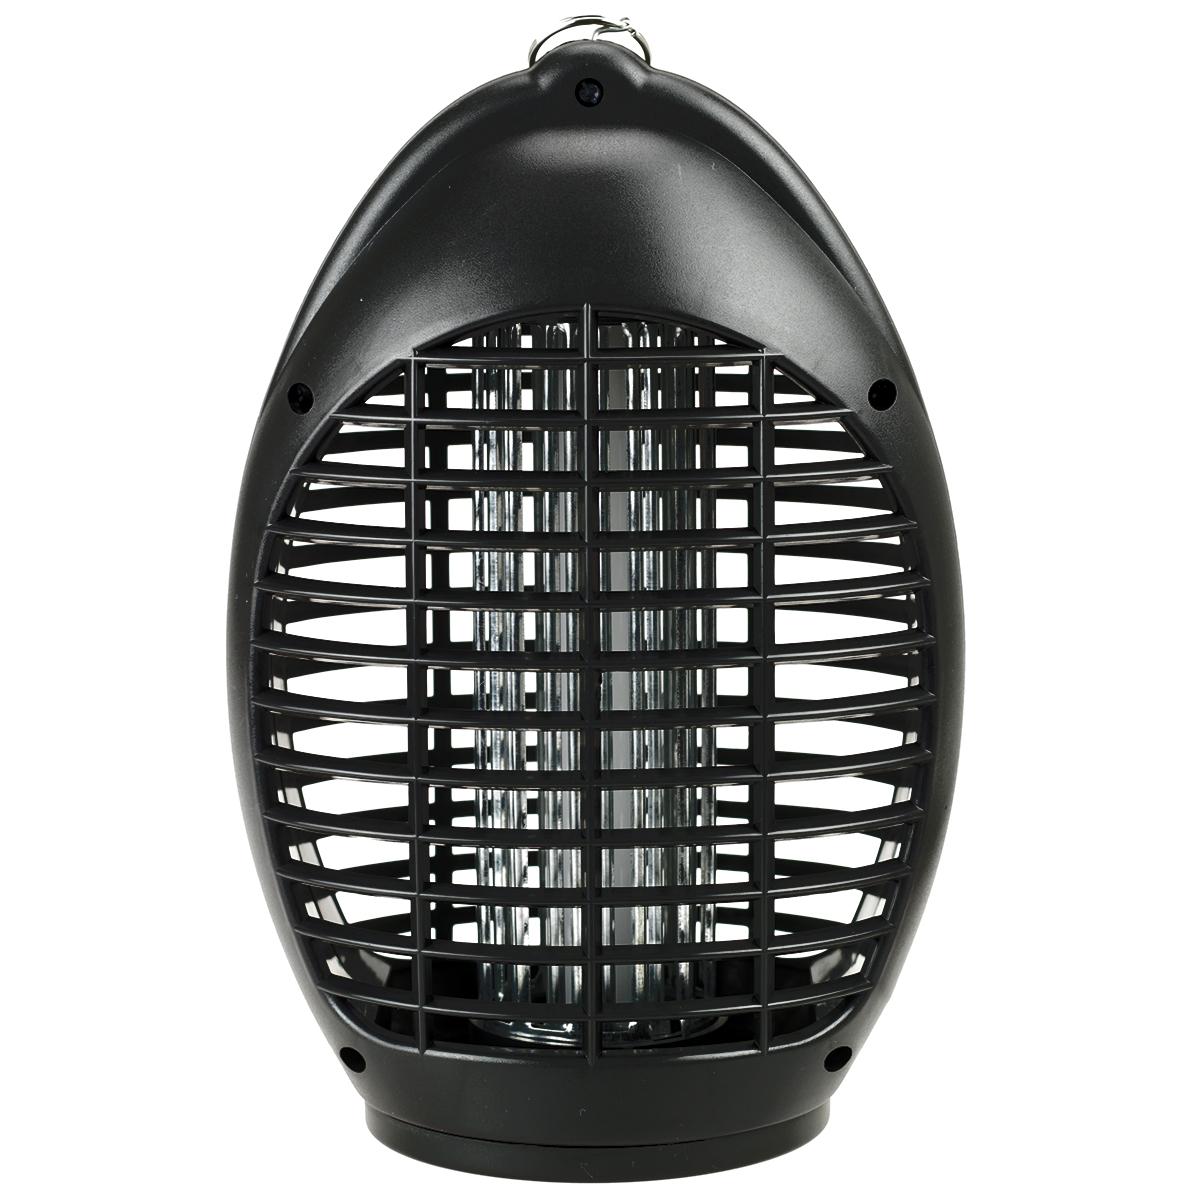 elektrische insektenvernichter lampe mit uv licht. Black Bedroom Furniture Sets. Home Design Ideas